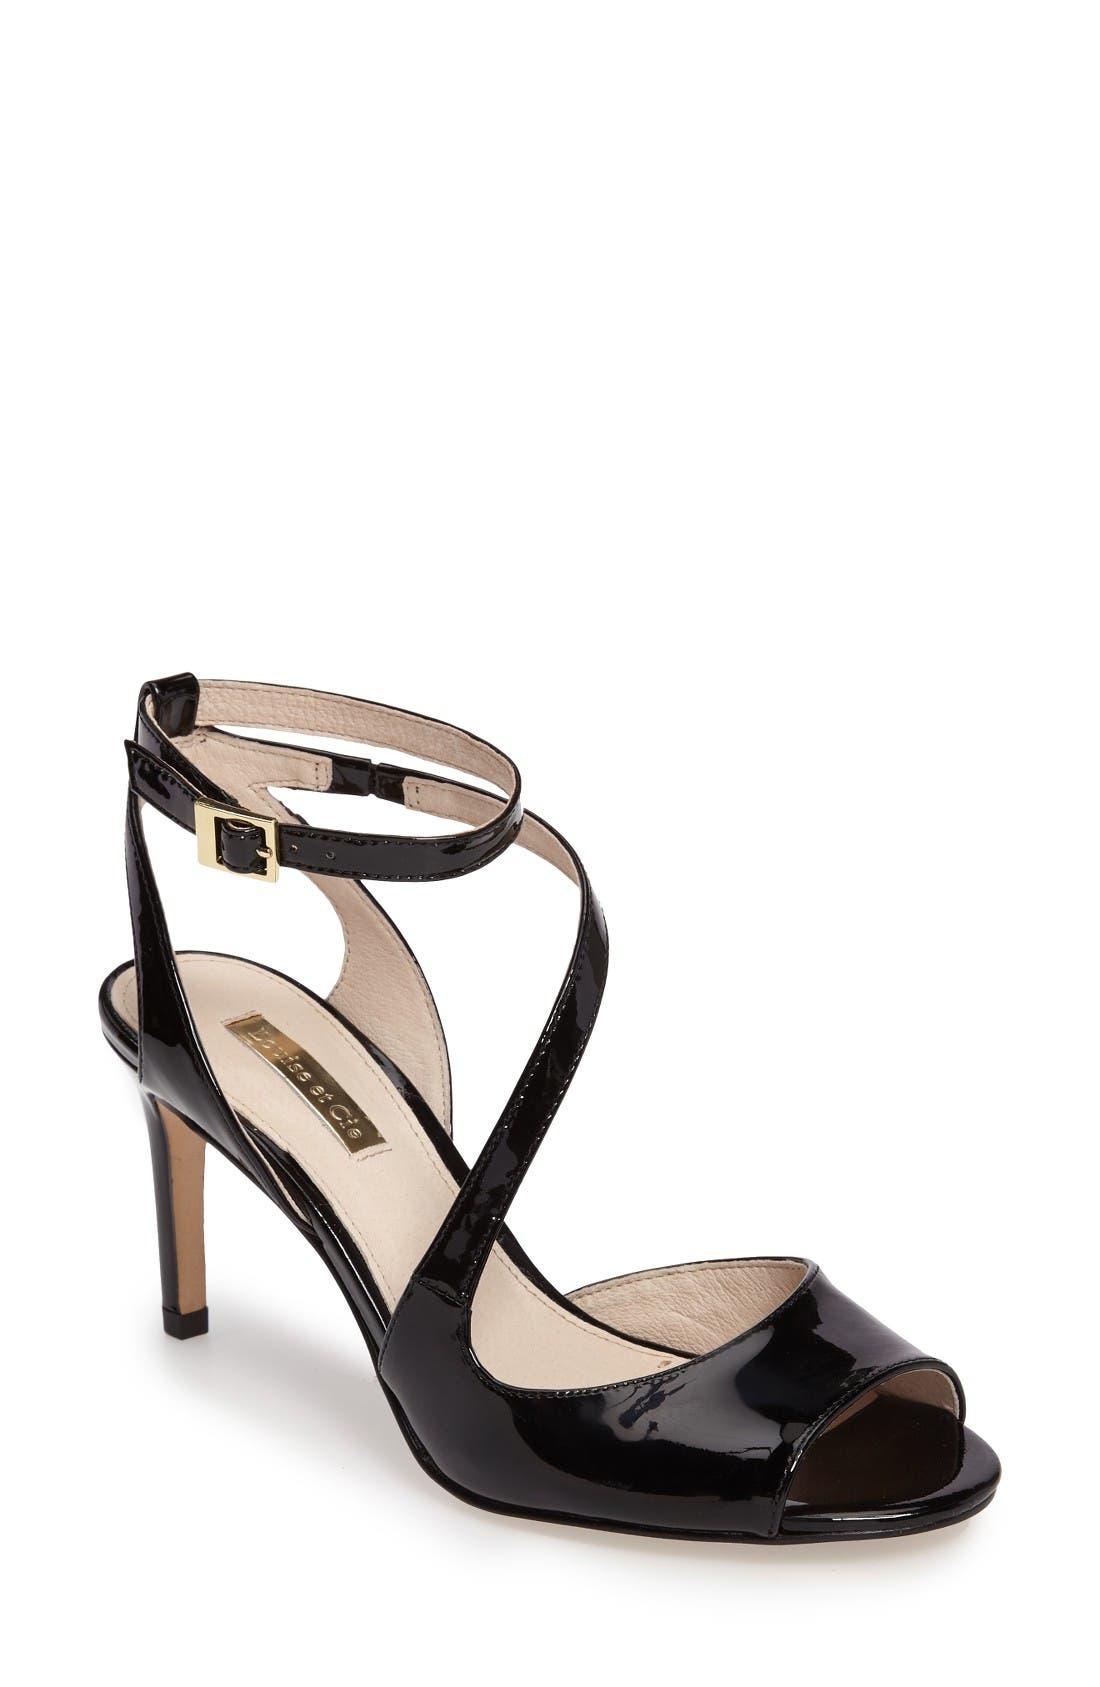 Main Image - Louise et Cie Kealy Asymmetrical Strappy Sandal (Women)